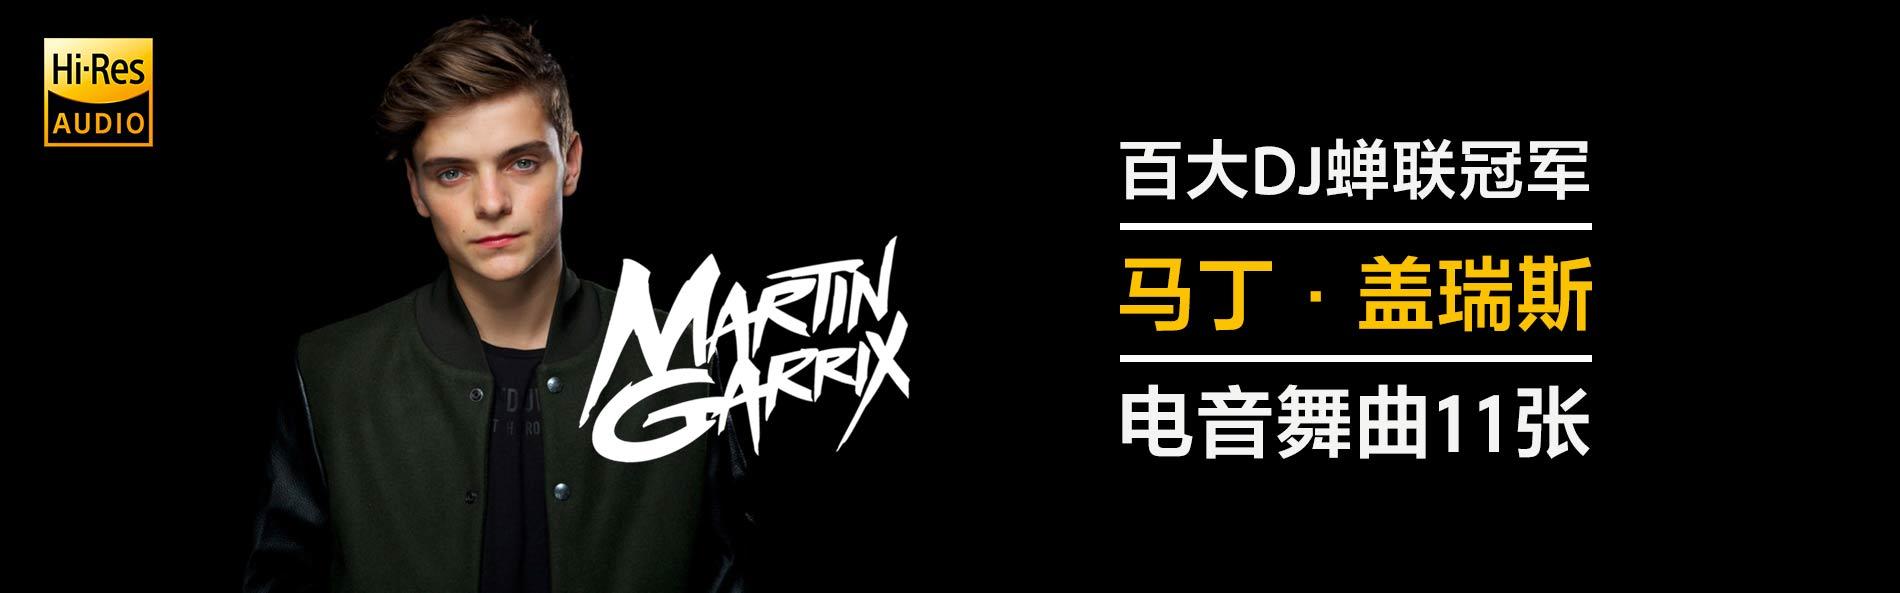 MartinGarric